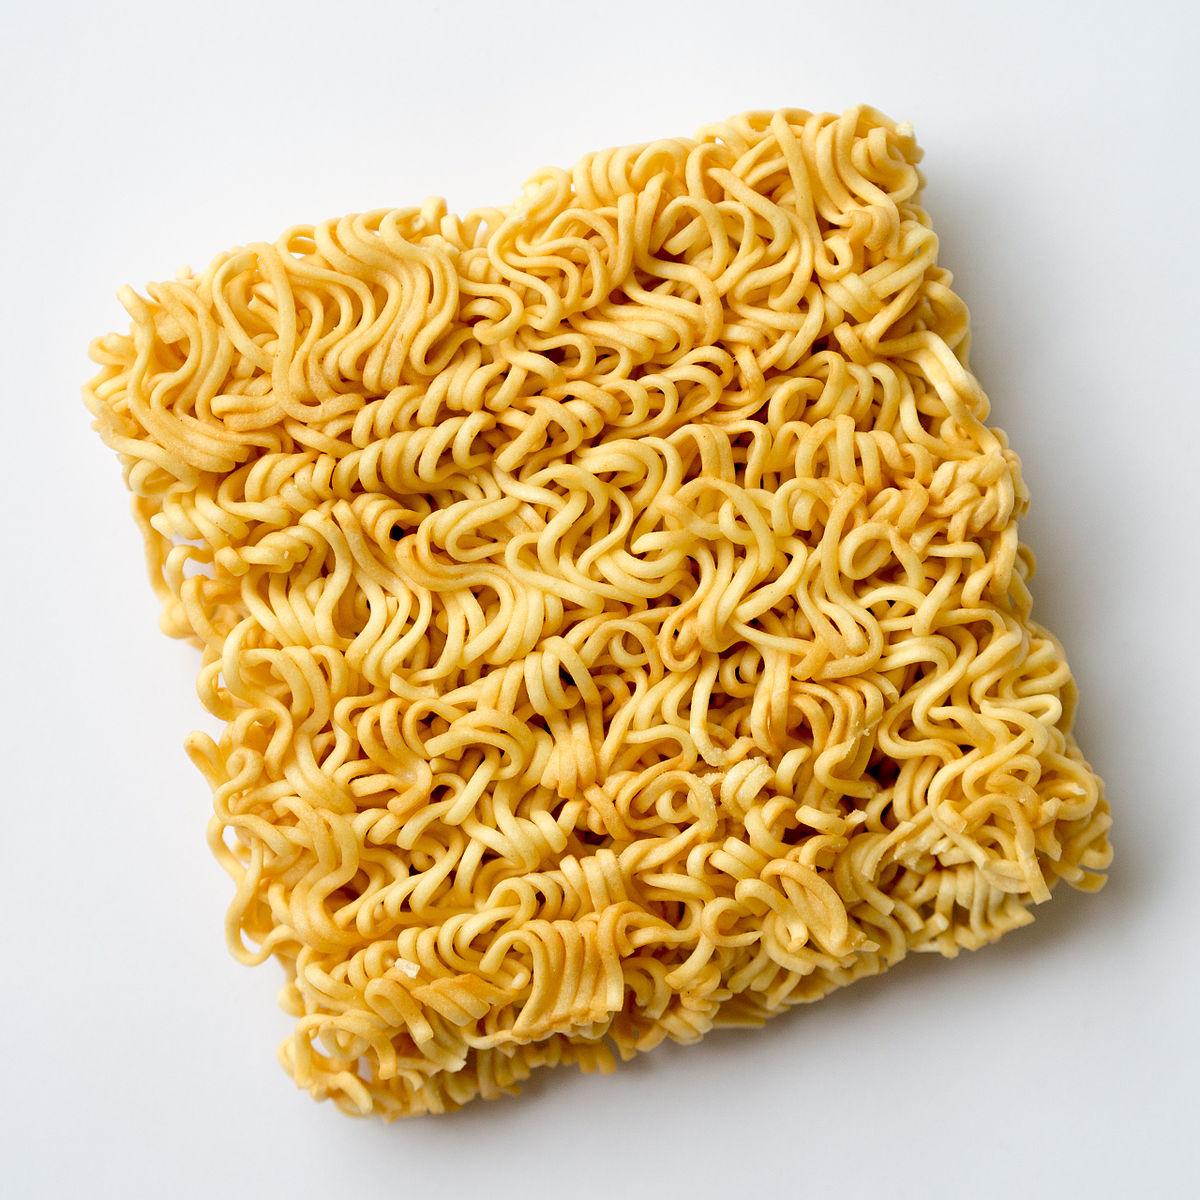 Uncooked-Noodles